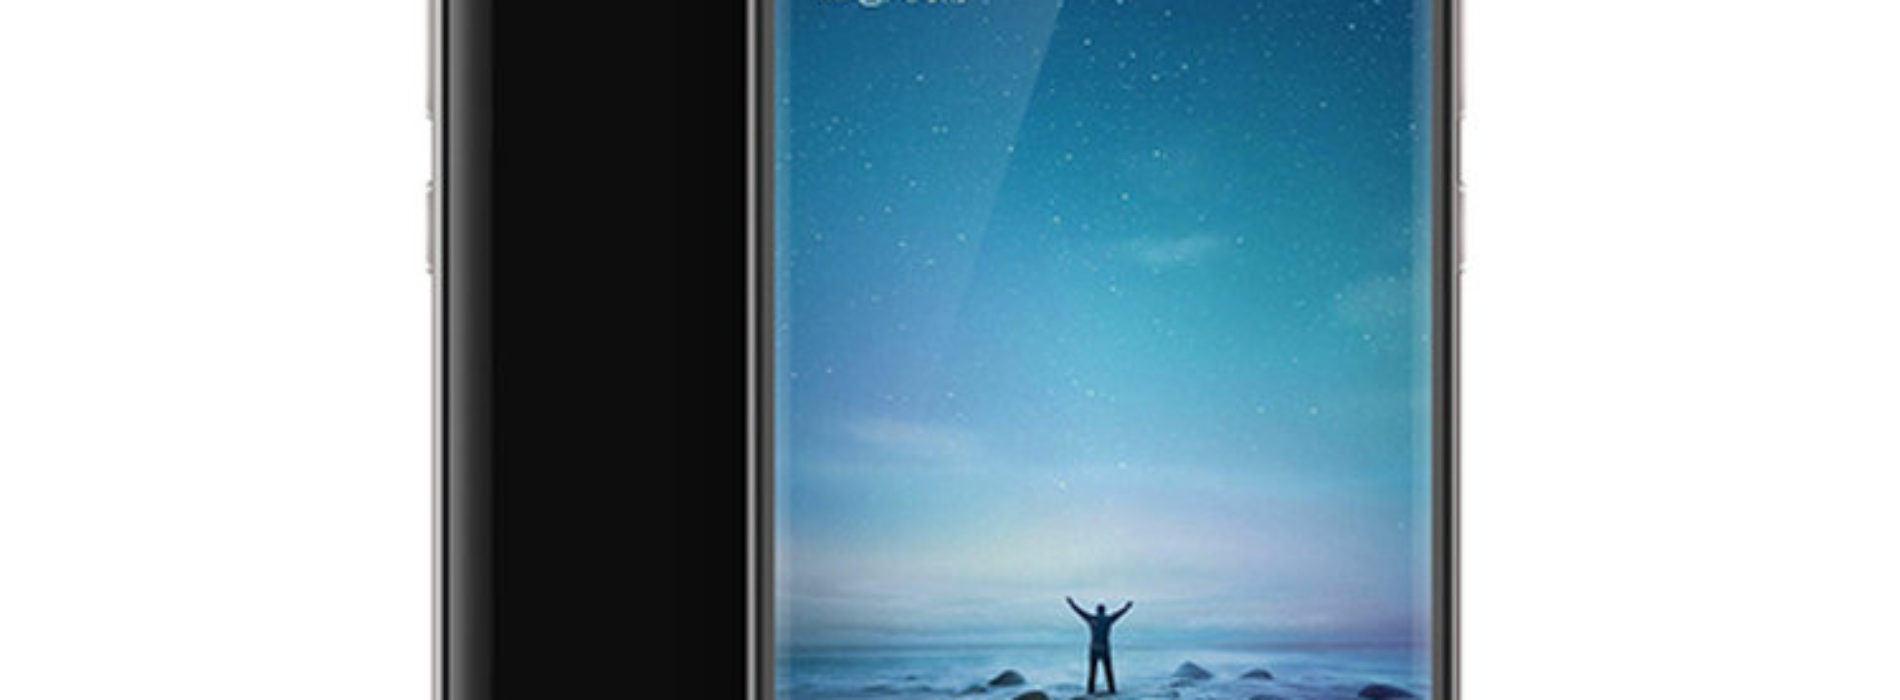 Xiaomi Mi 5, características, ventajas y desventajas